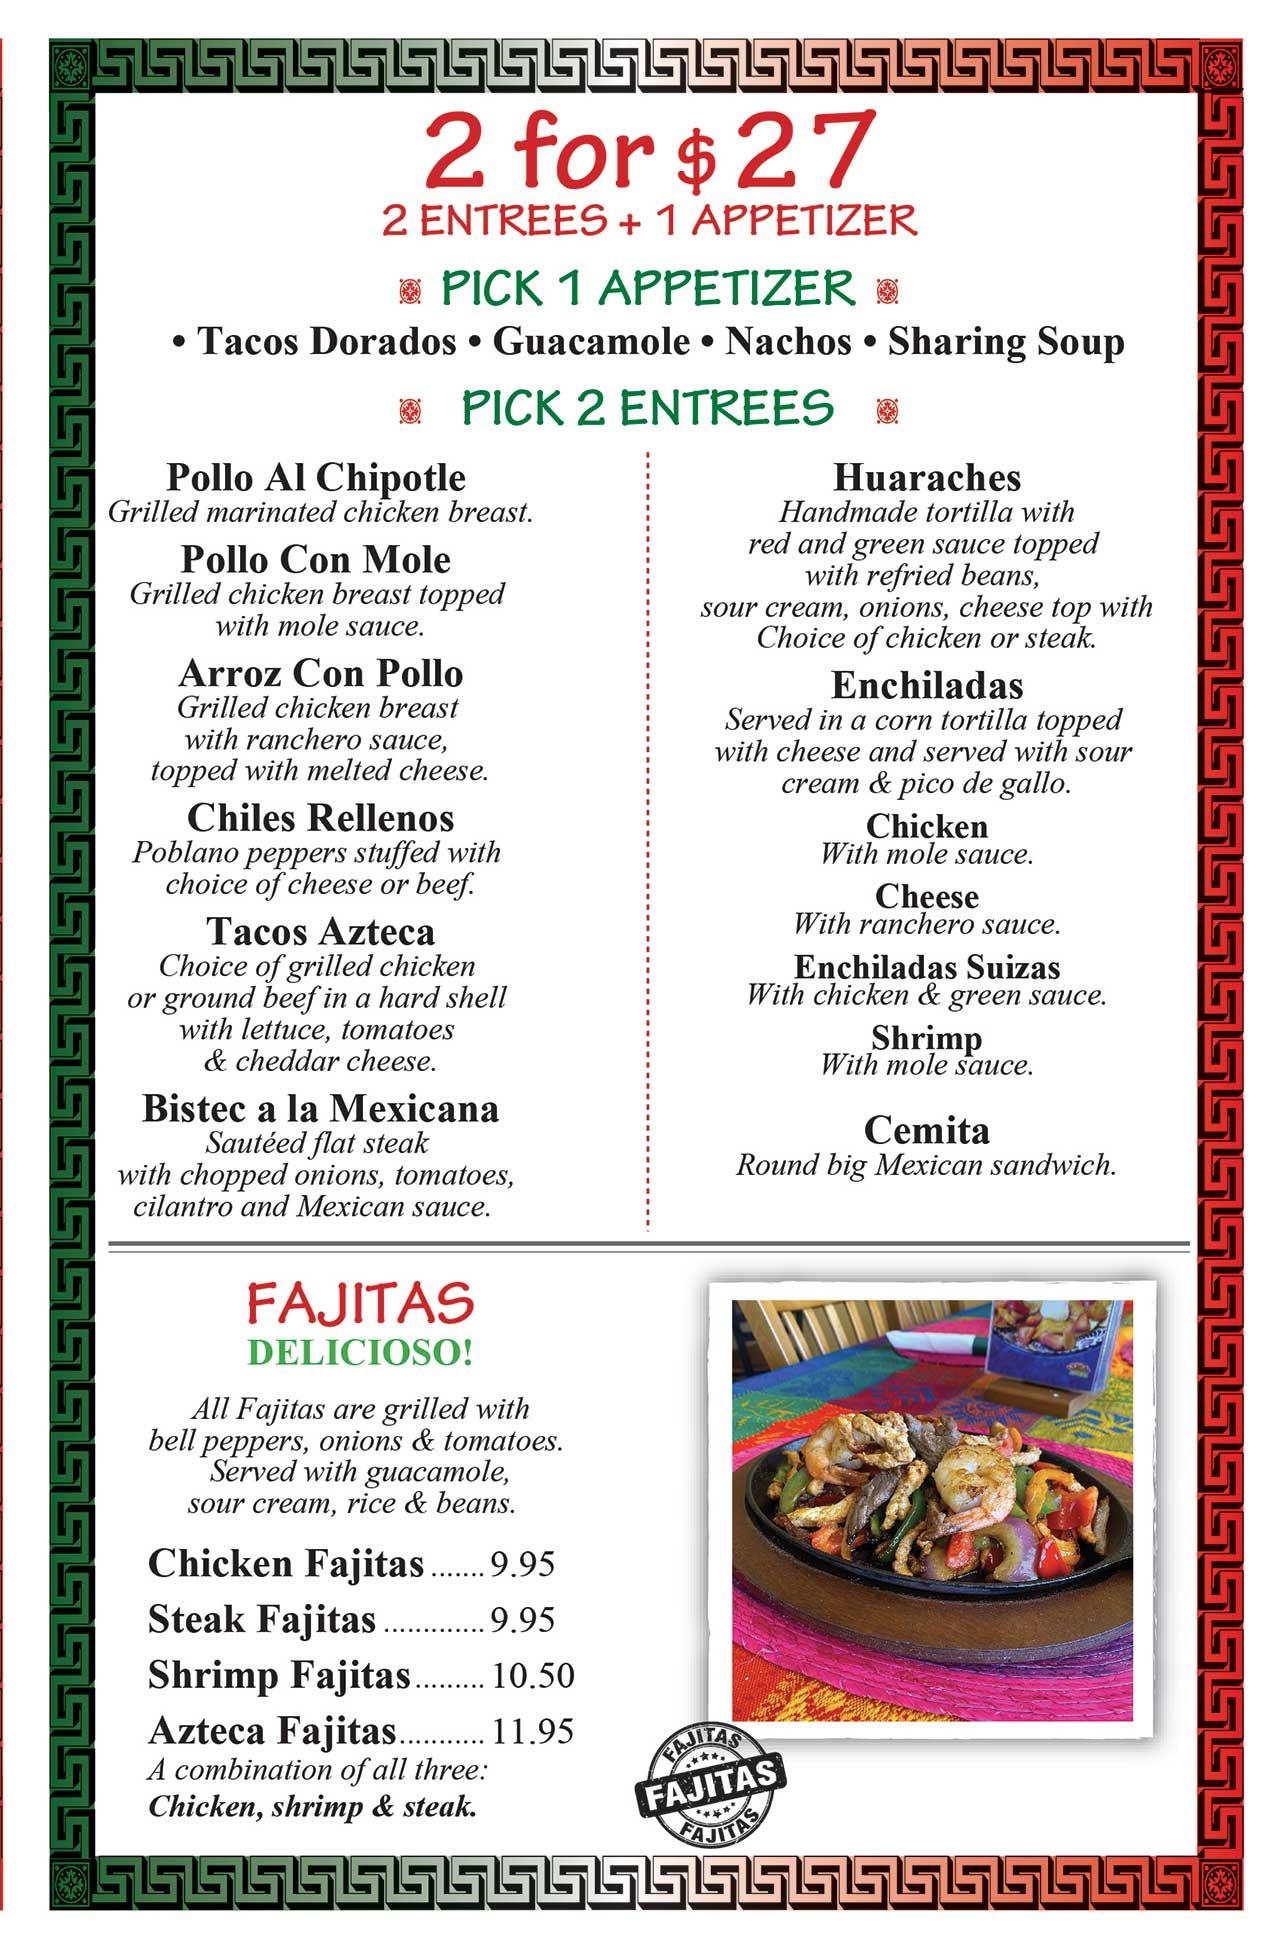 AztecaRT9-LunchMenu-Page-2